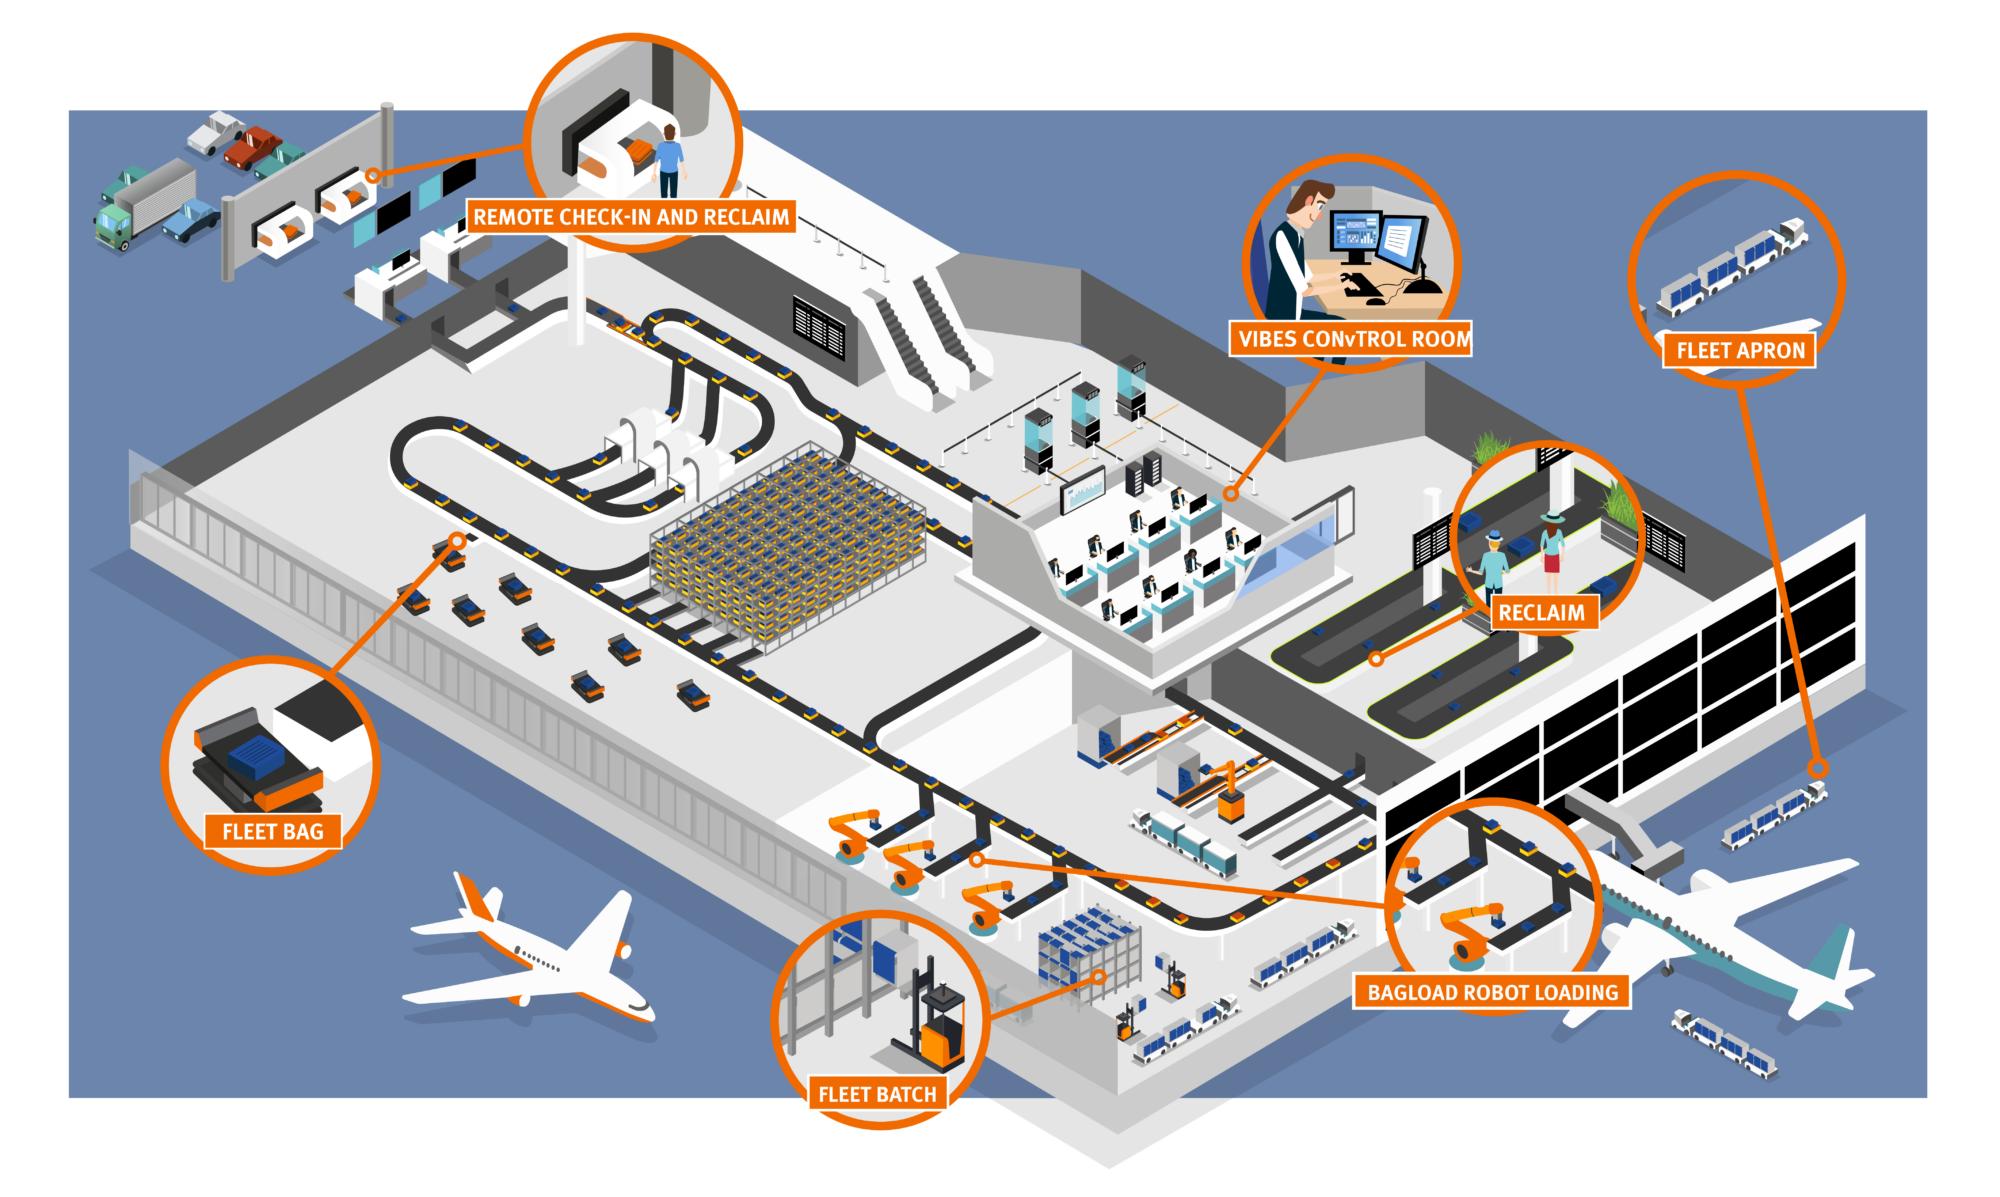 Vanderlande Airport Infographic